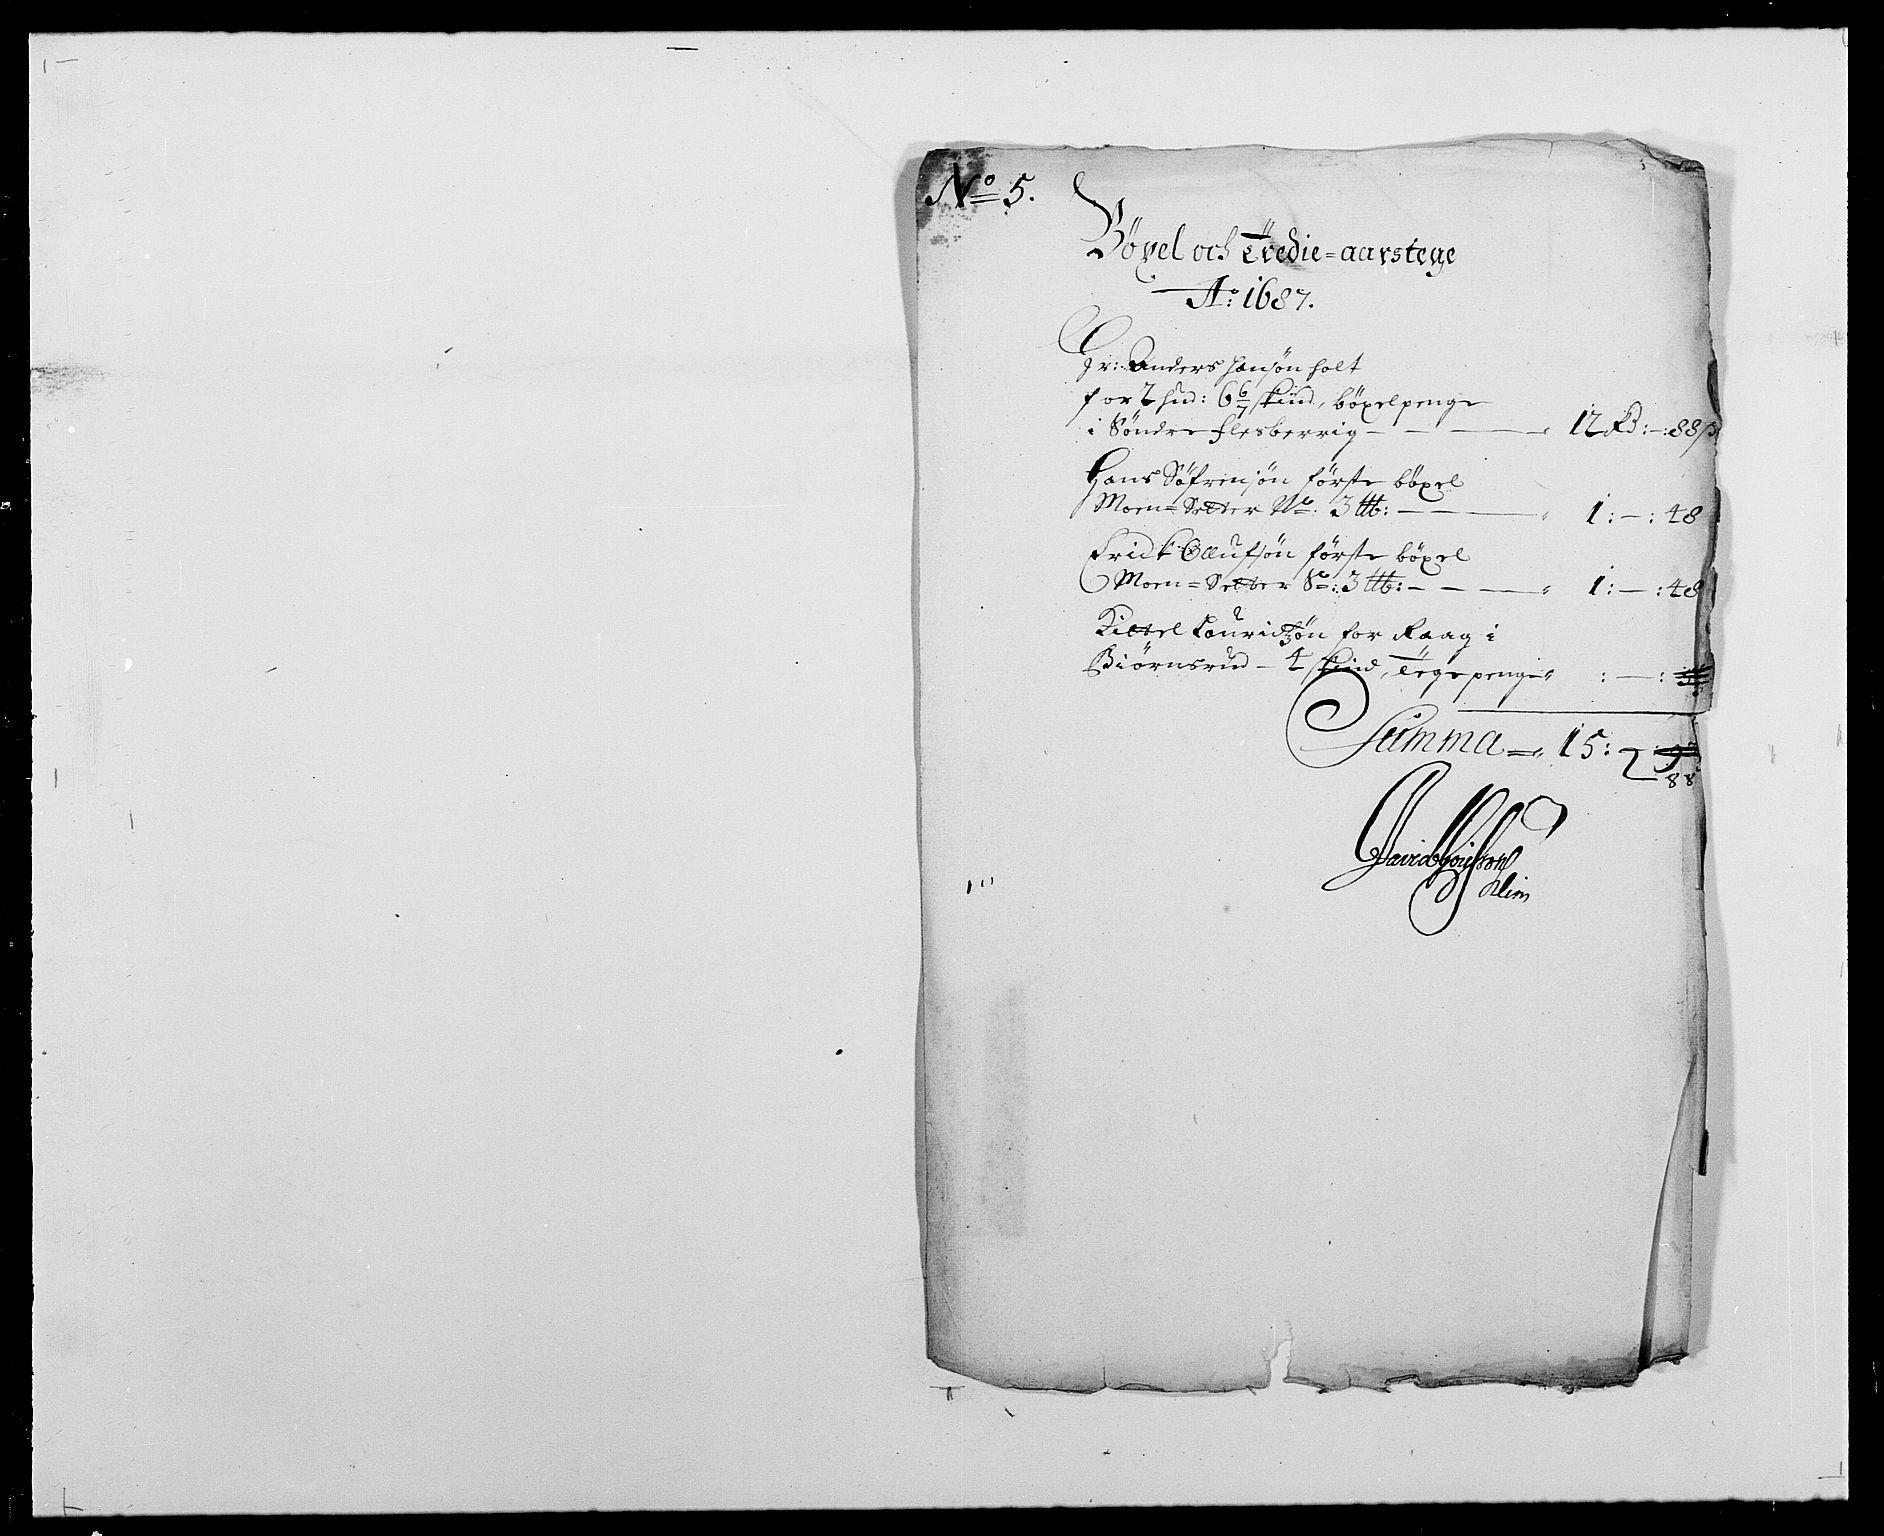 RA, Rentekammeret inntil 1814, Reviderte regnskaper, Fogderegnskap, R24/L1573: Fogderegnskap Numedal og Sandsvær, 1687-1691, s. 32